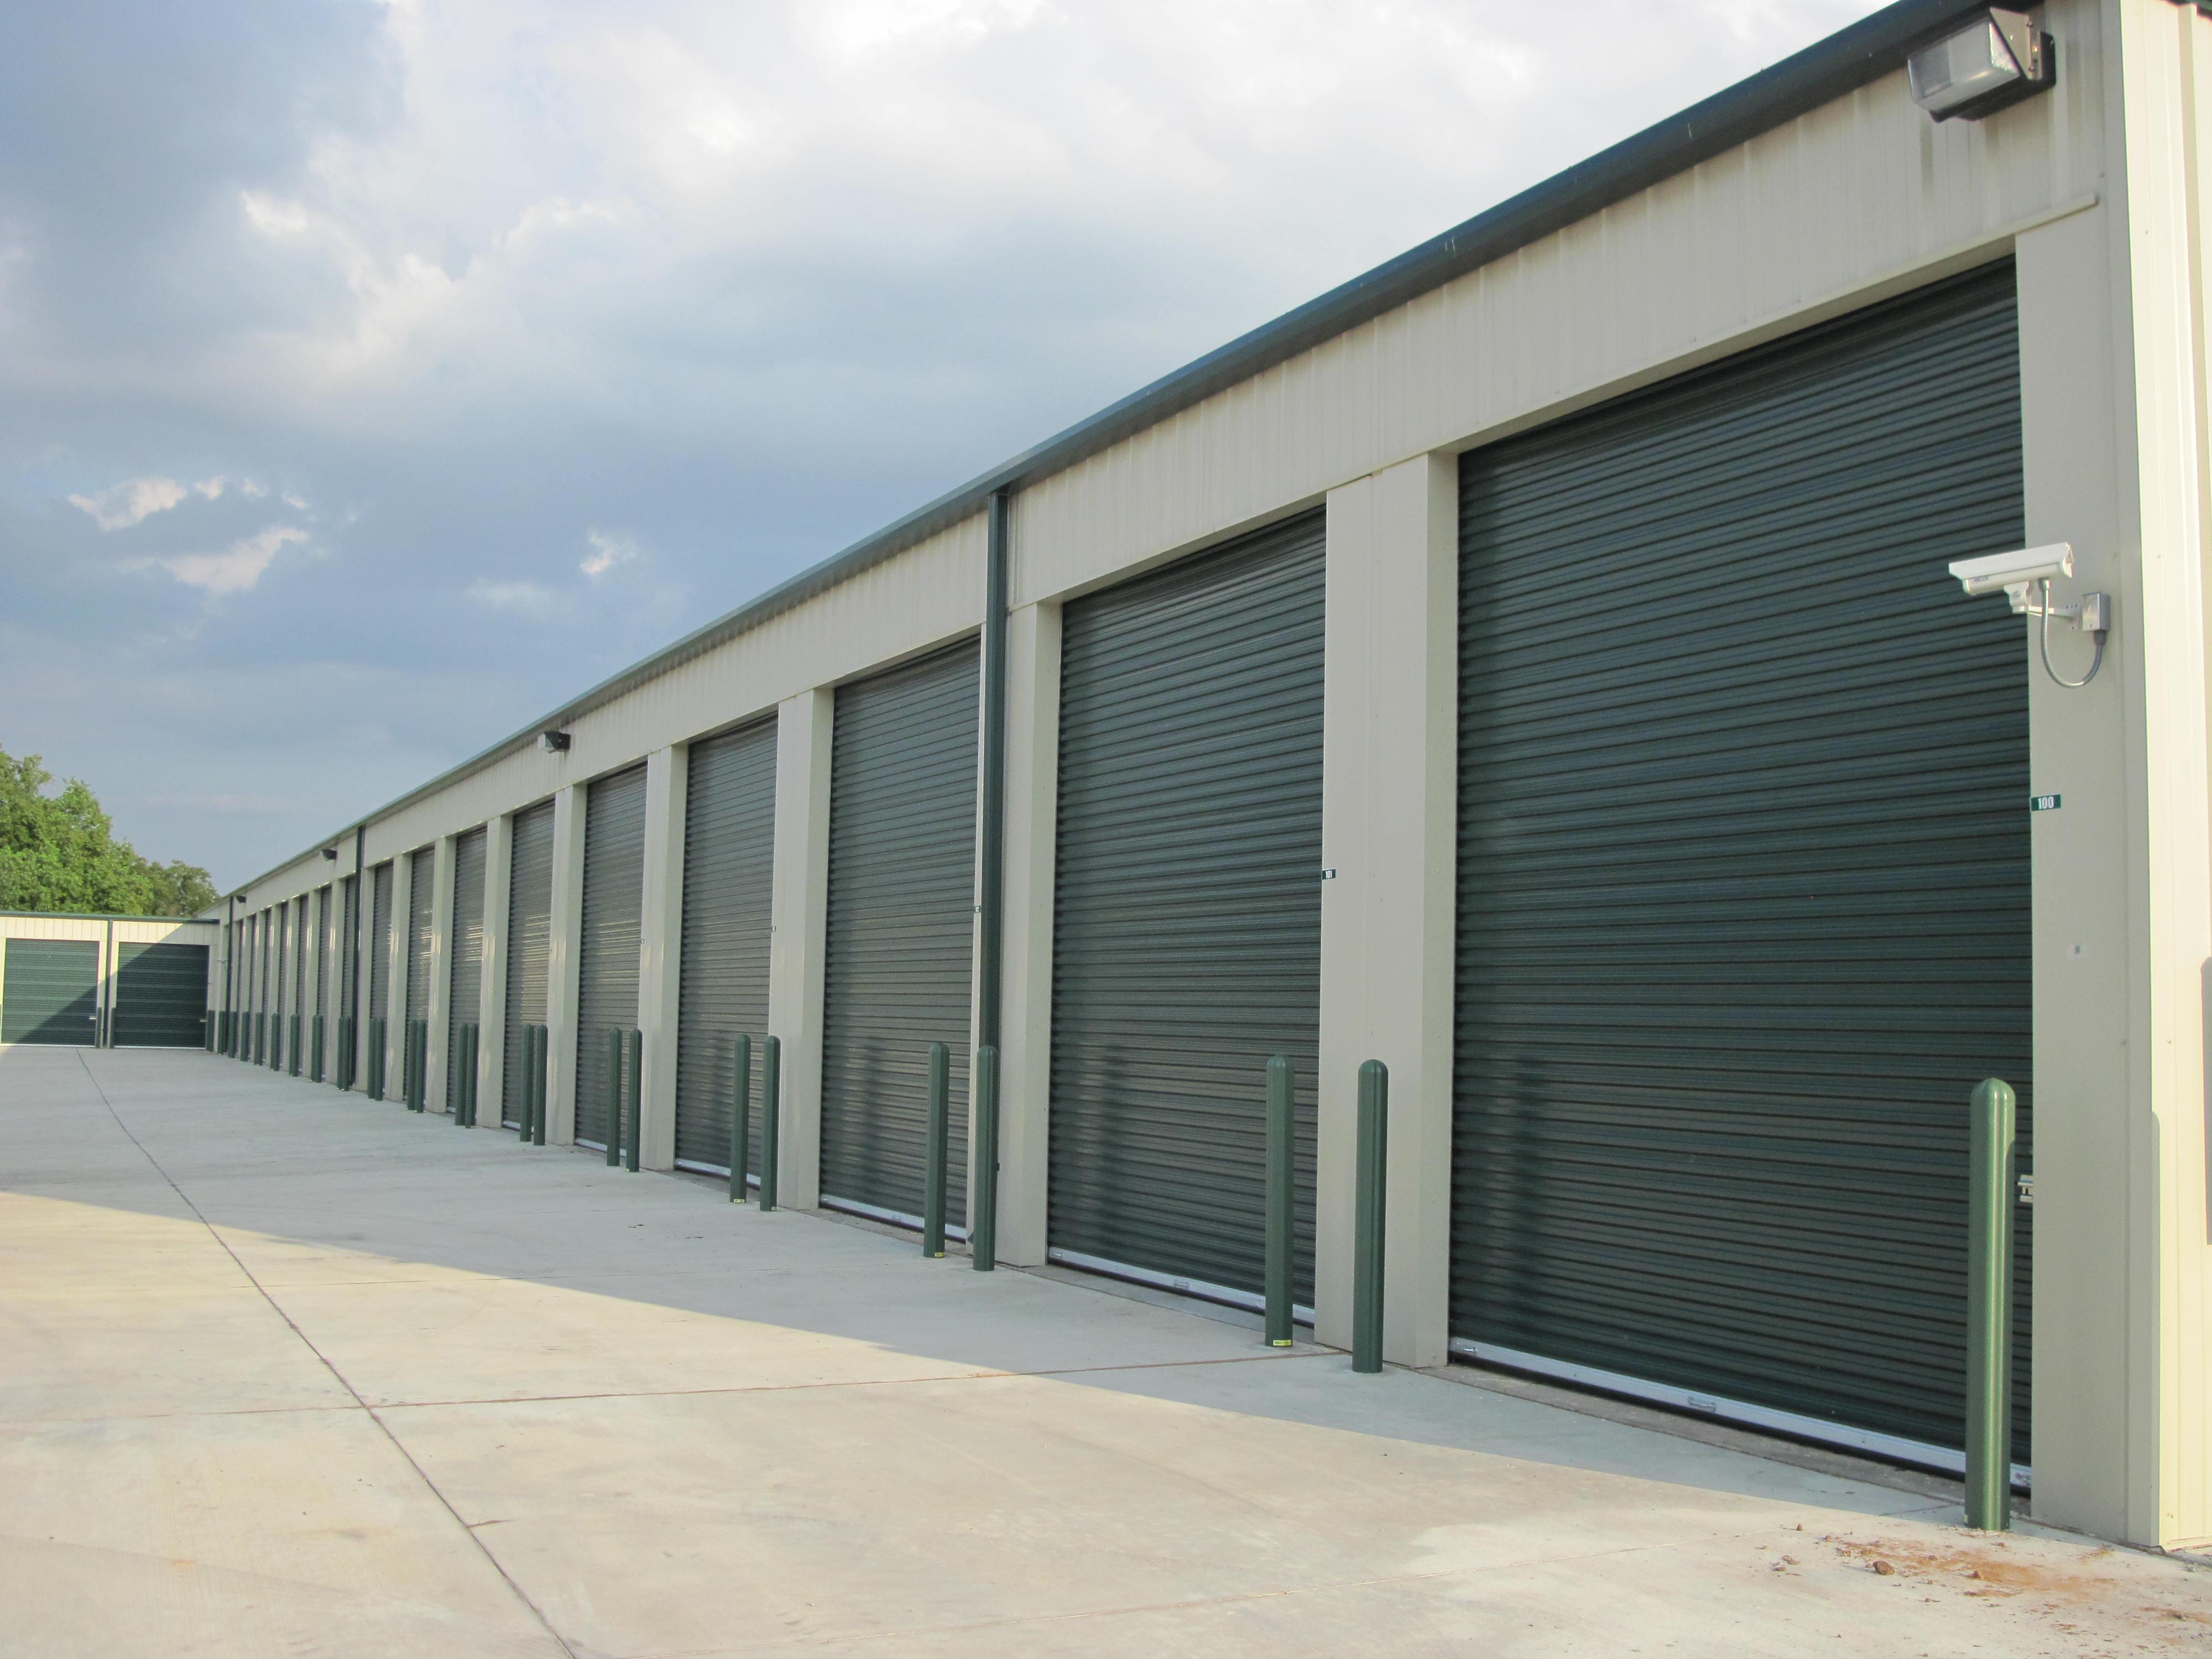 Large RV enclosed unit